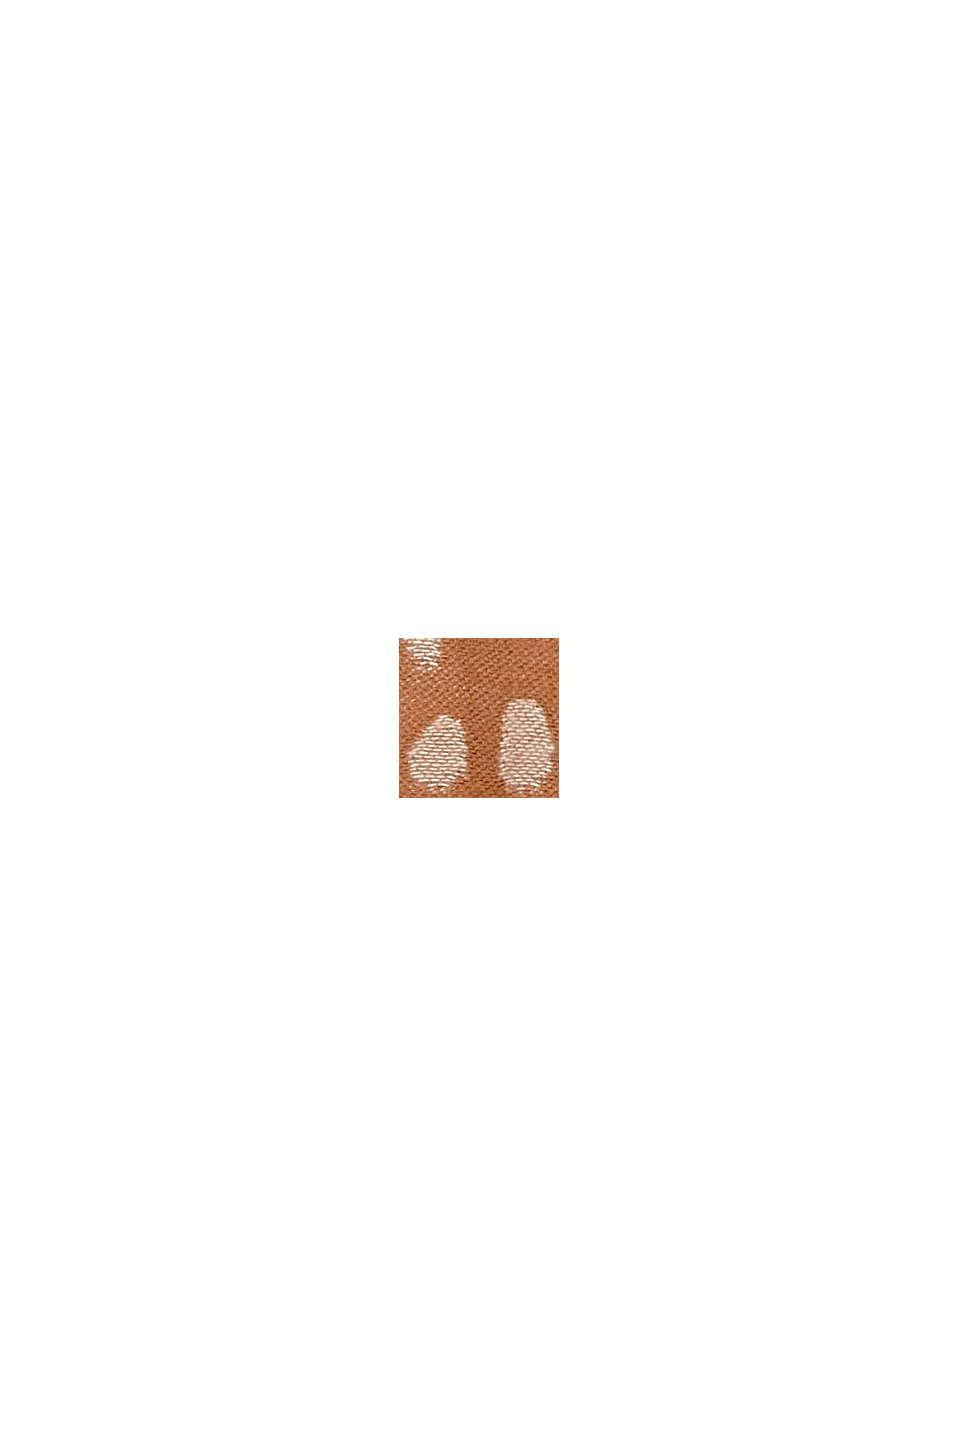 Écharpe à motif cachemire en coton mélangé, CARAMEL, swatch